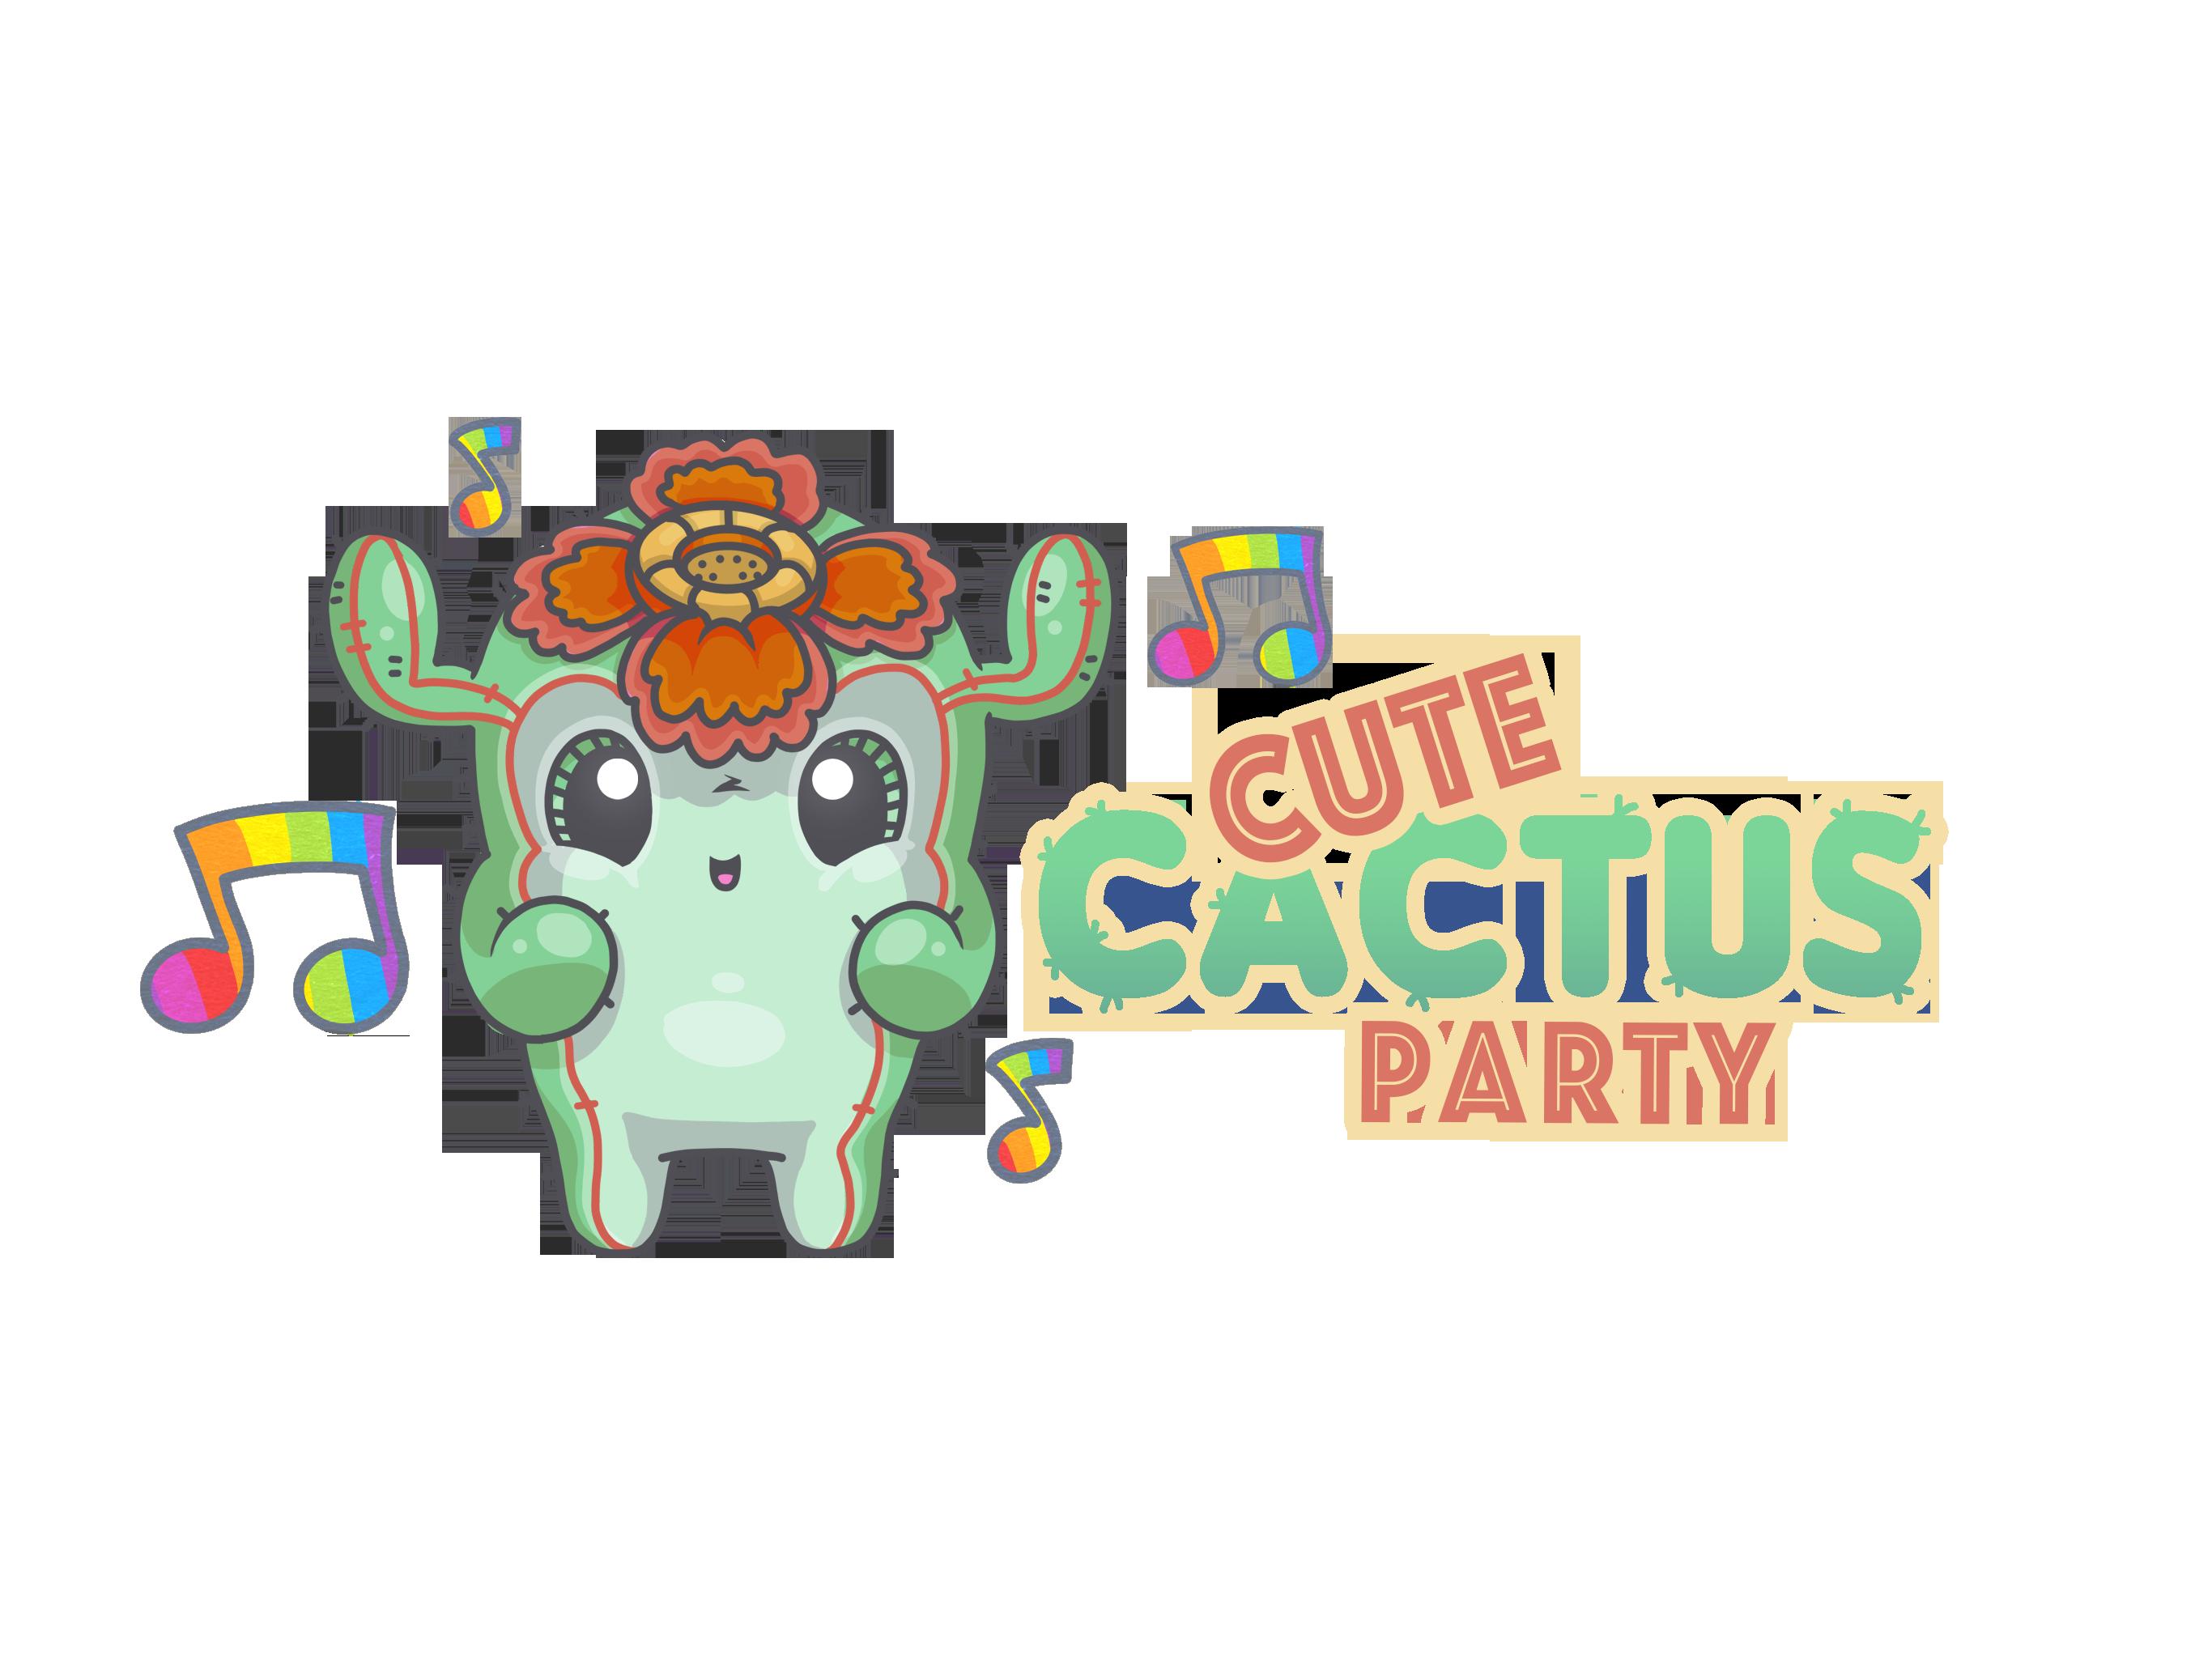 Samstag, 06.07.2019: CuteCactus Party No. 2